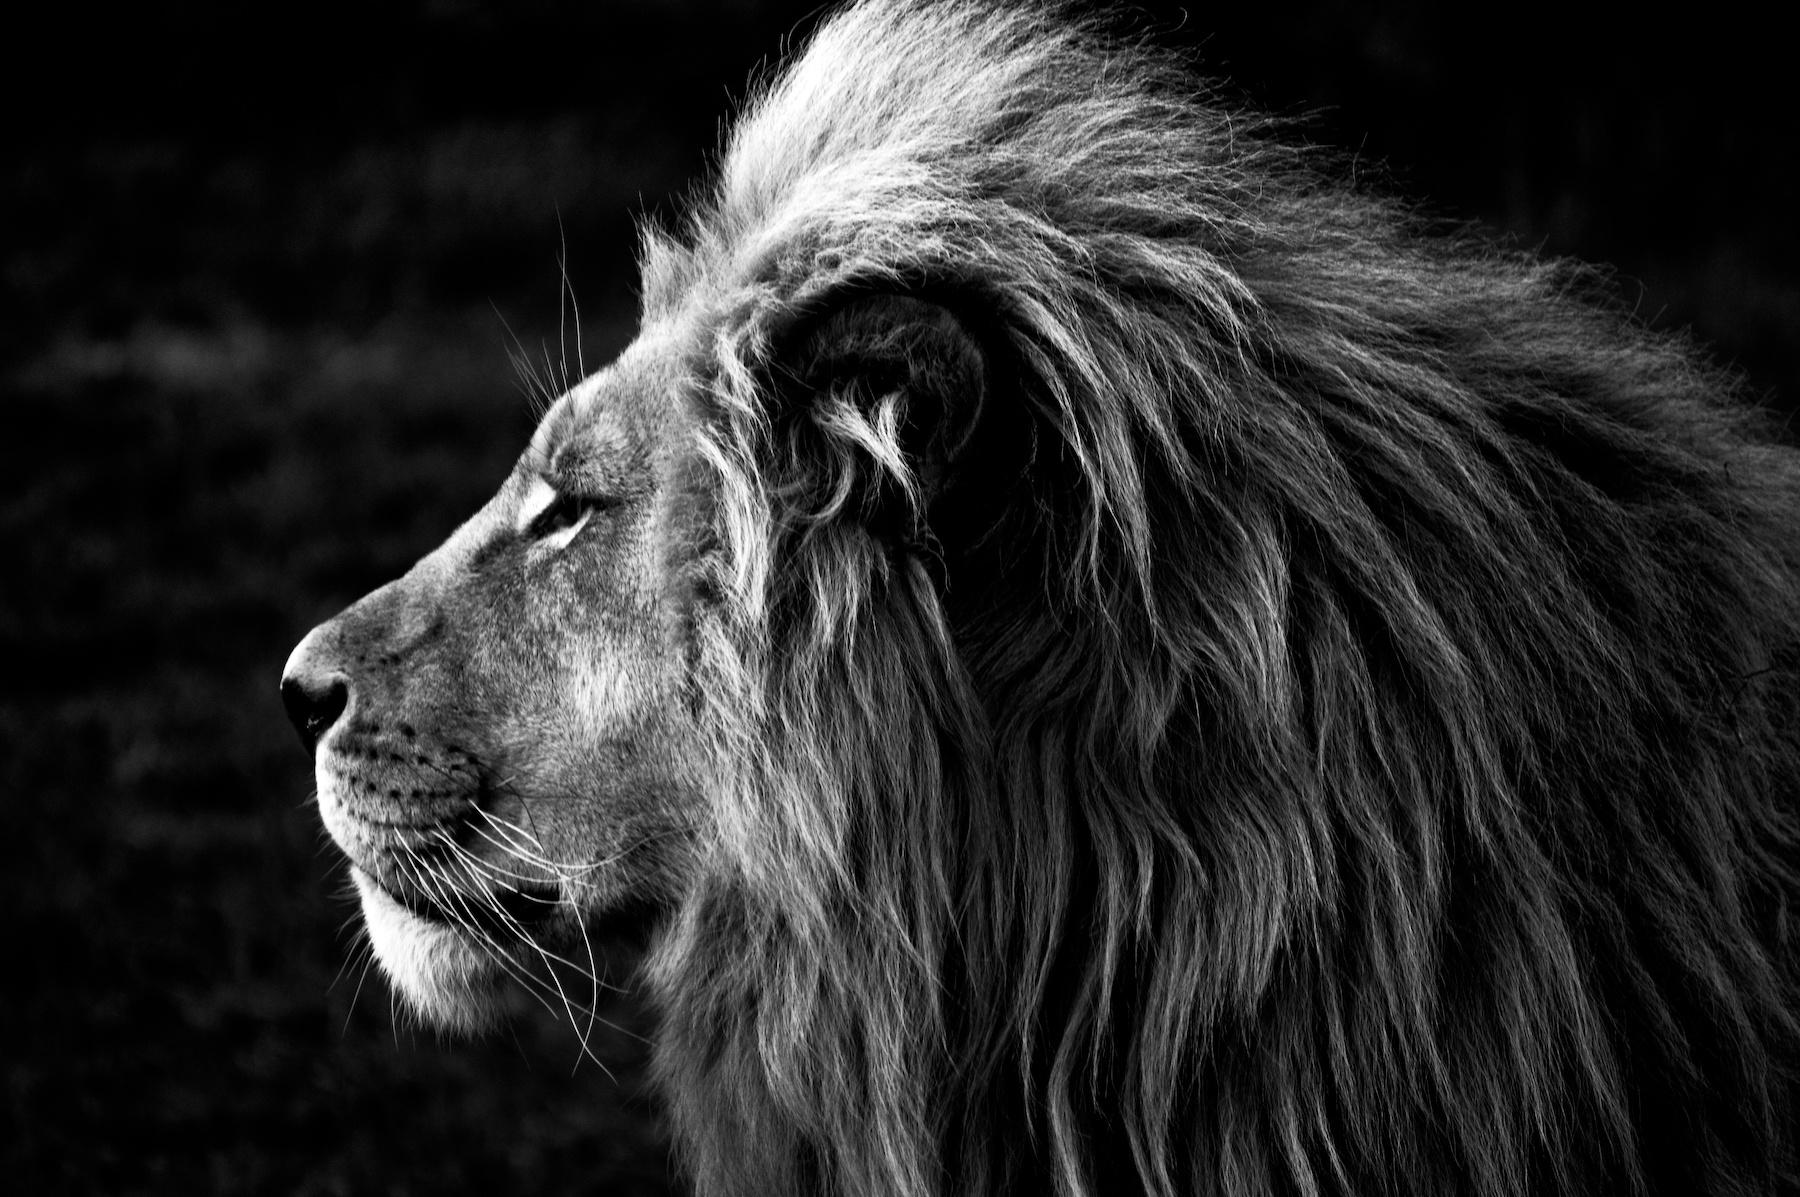 Schilderij -Zijprofiel van een Leeuw, Koning van de Jungle, zwart/wit, 100x70cm. premium print -  1 luik